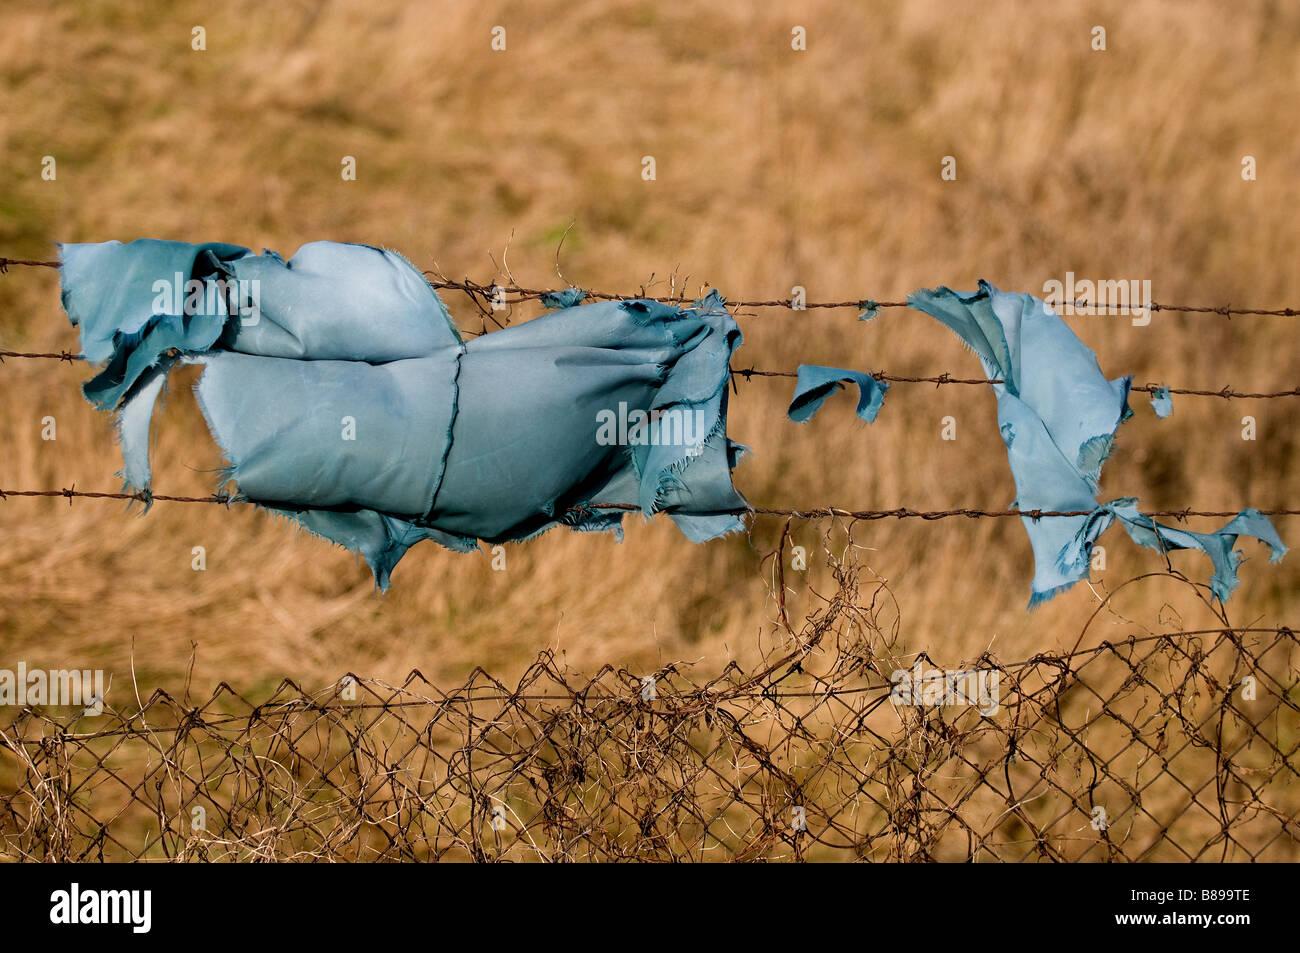 Un fragment de tissu bleu suspendu à une clôture en fil barbelé. Photo Stock